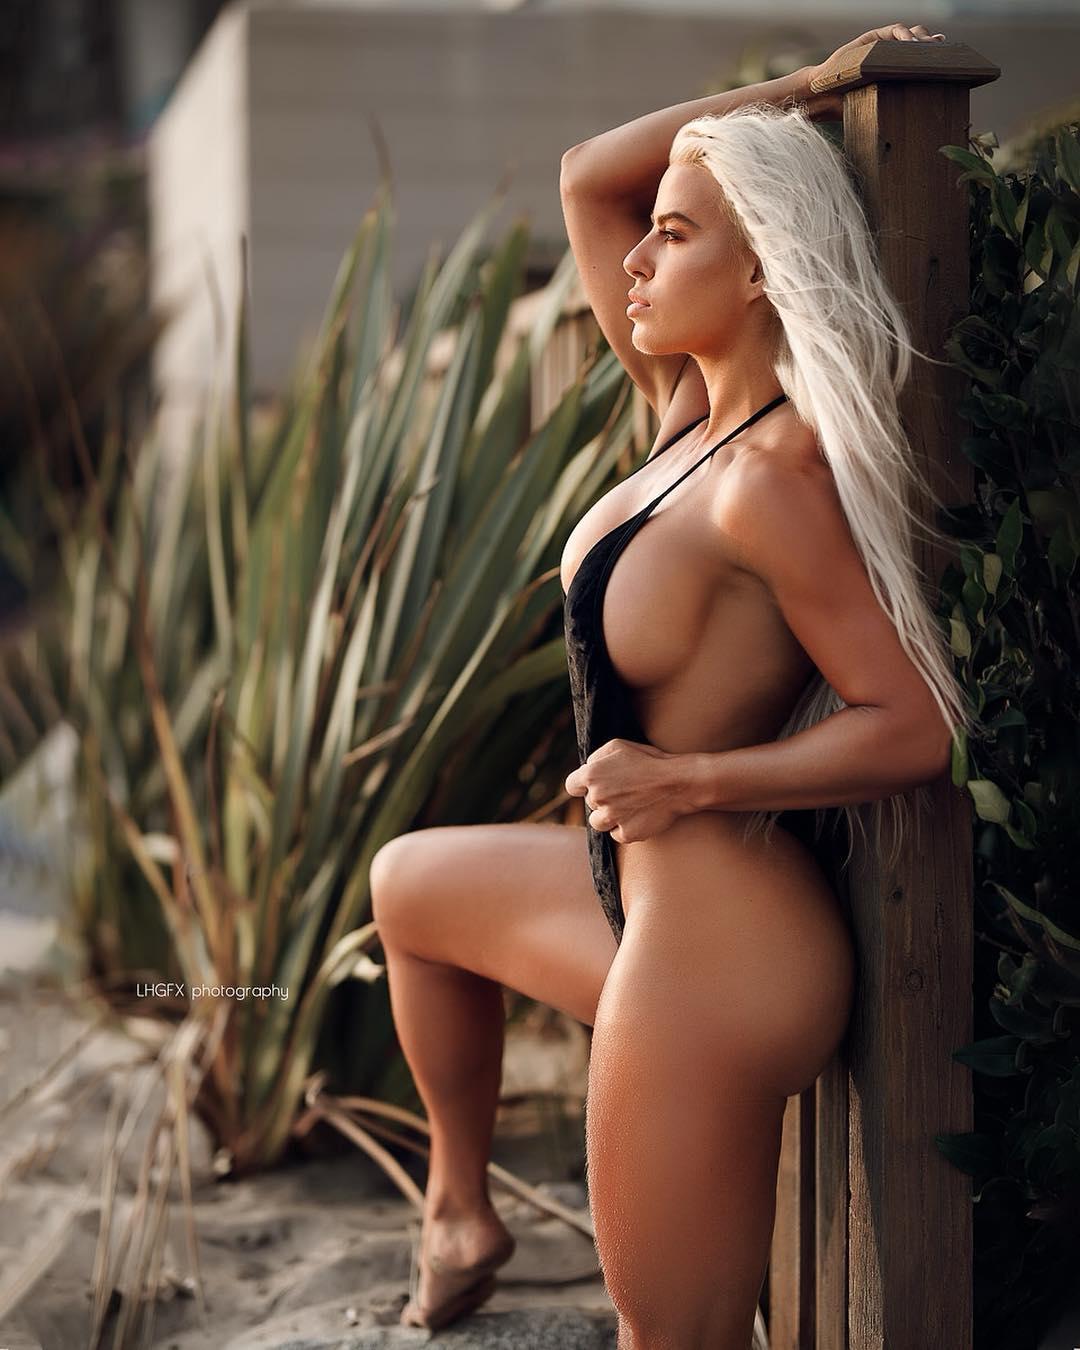 Holly Barker